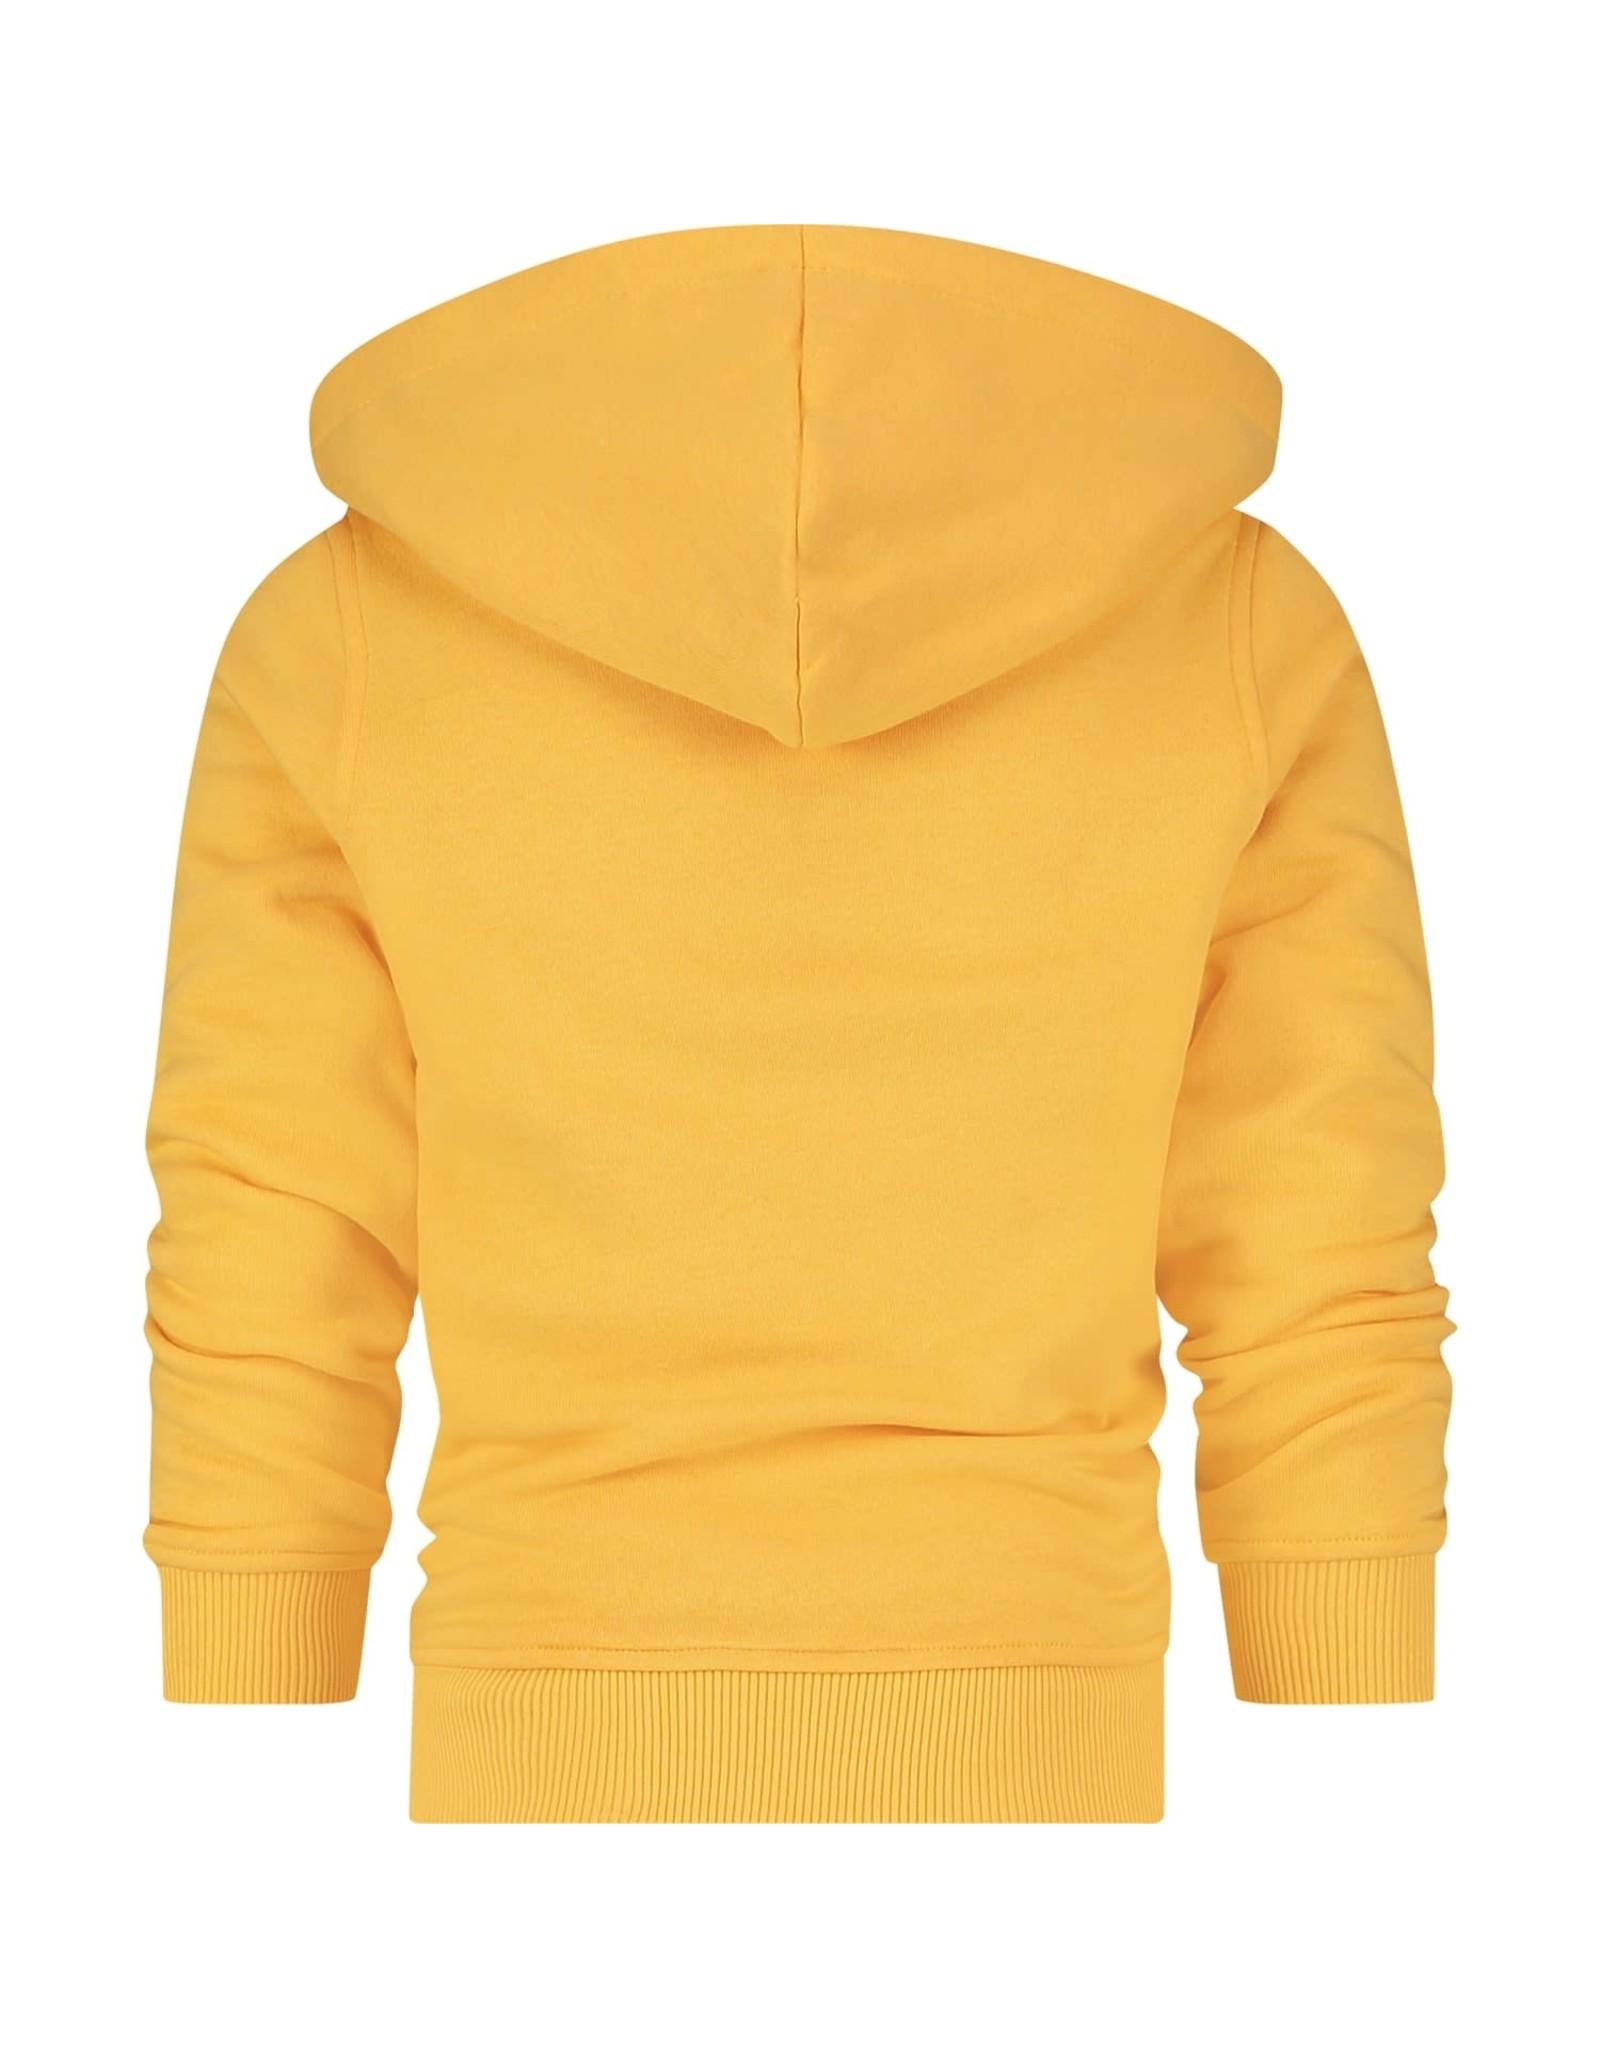 Raizzed Raizzed jongens hoodie Norwich Mustard Yellow